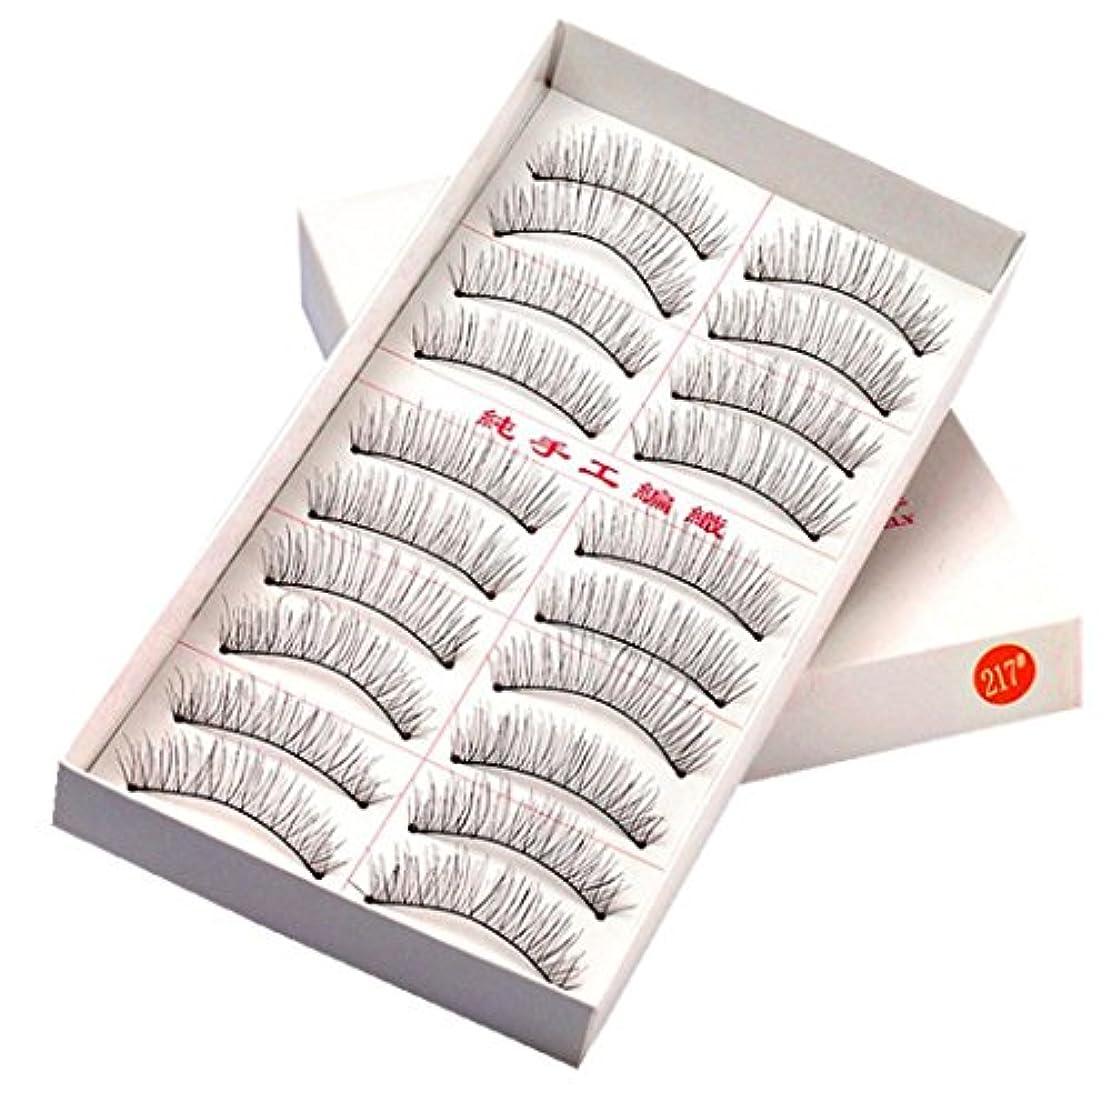 ヒューマニスティック人口不道徳Feteso 10ペアセット つけまつげ 上まつげ Eyelashes アイラッシュ ビューティー まつげエクステ レディース 化粧ツール アイメイクアップ 人気 ナチュラル 飾り ふんわり 装着簡単 綺麗 変身